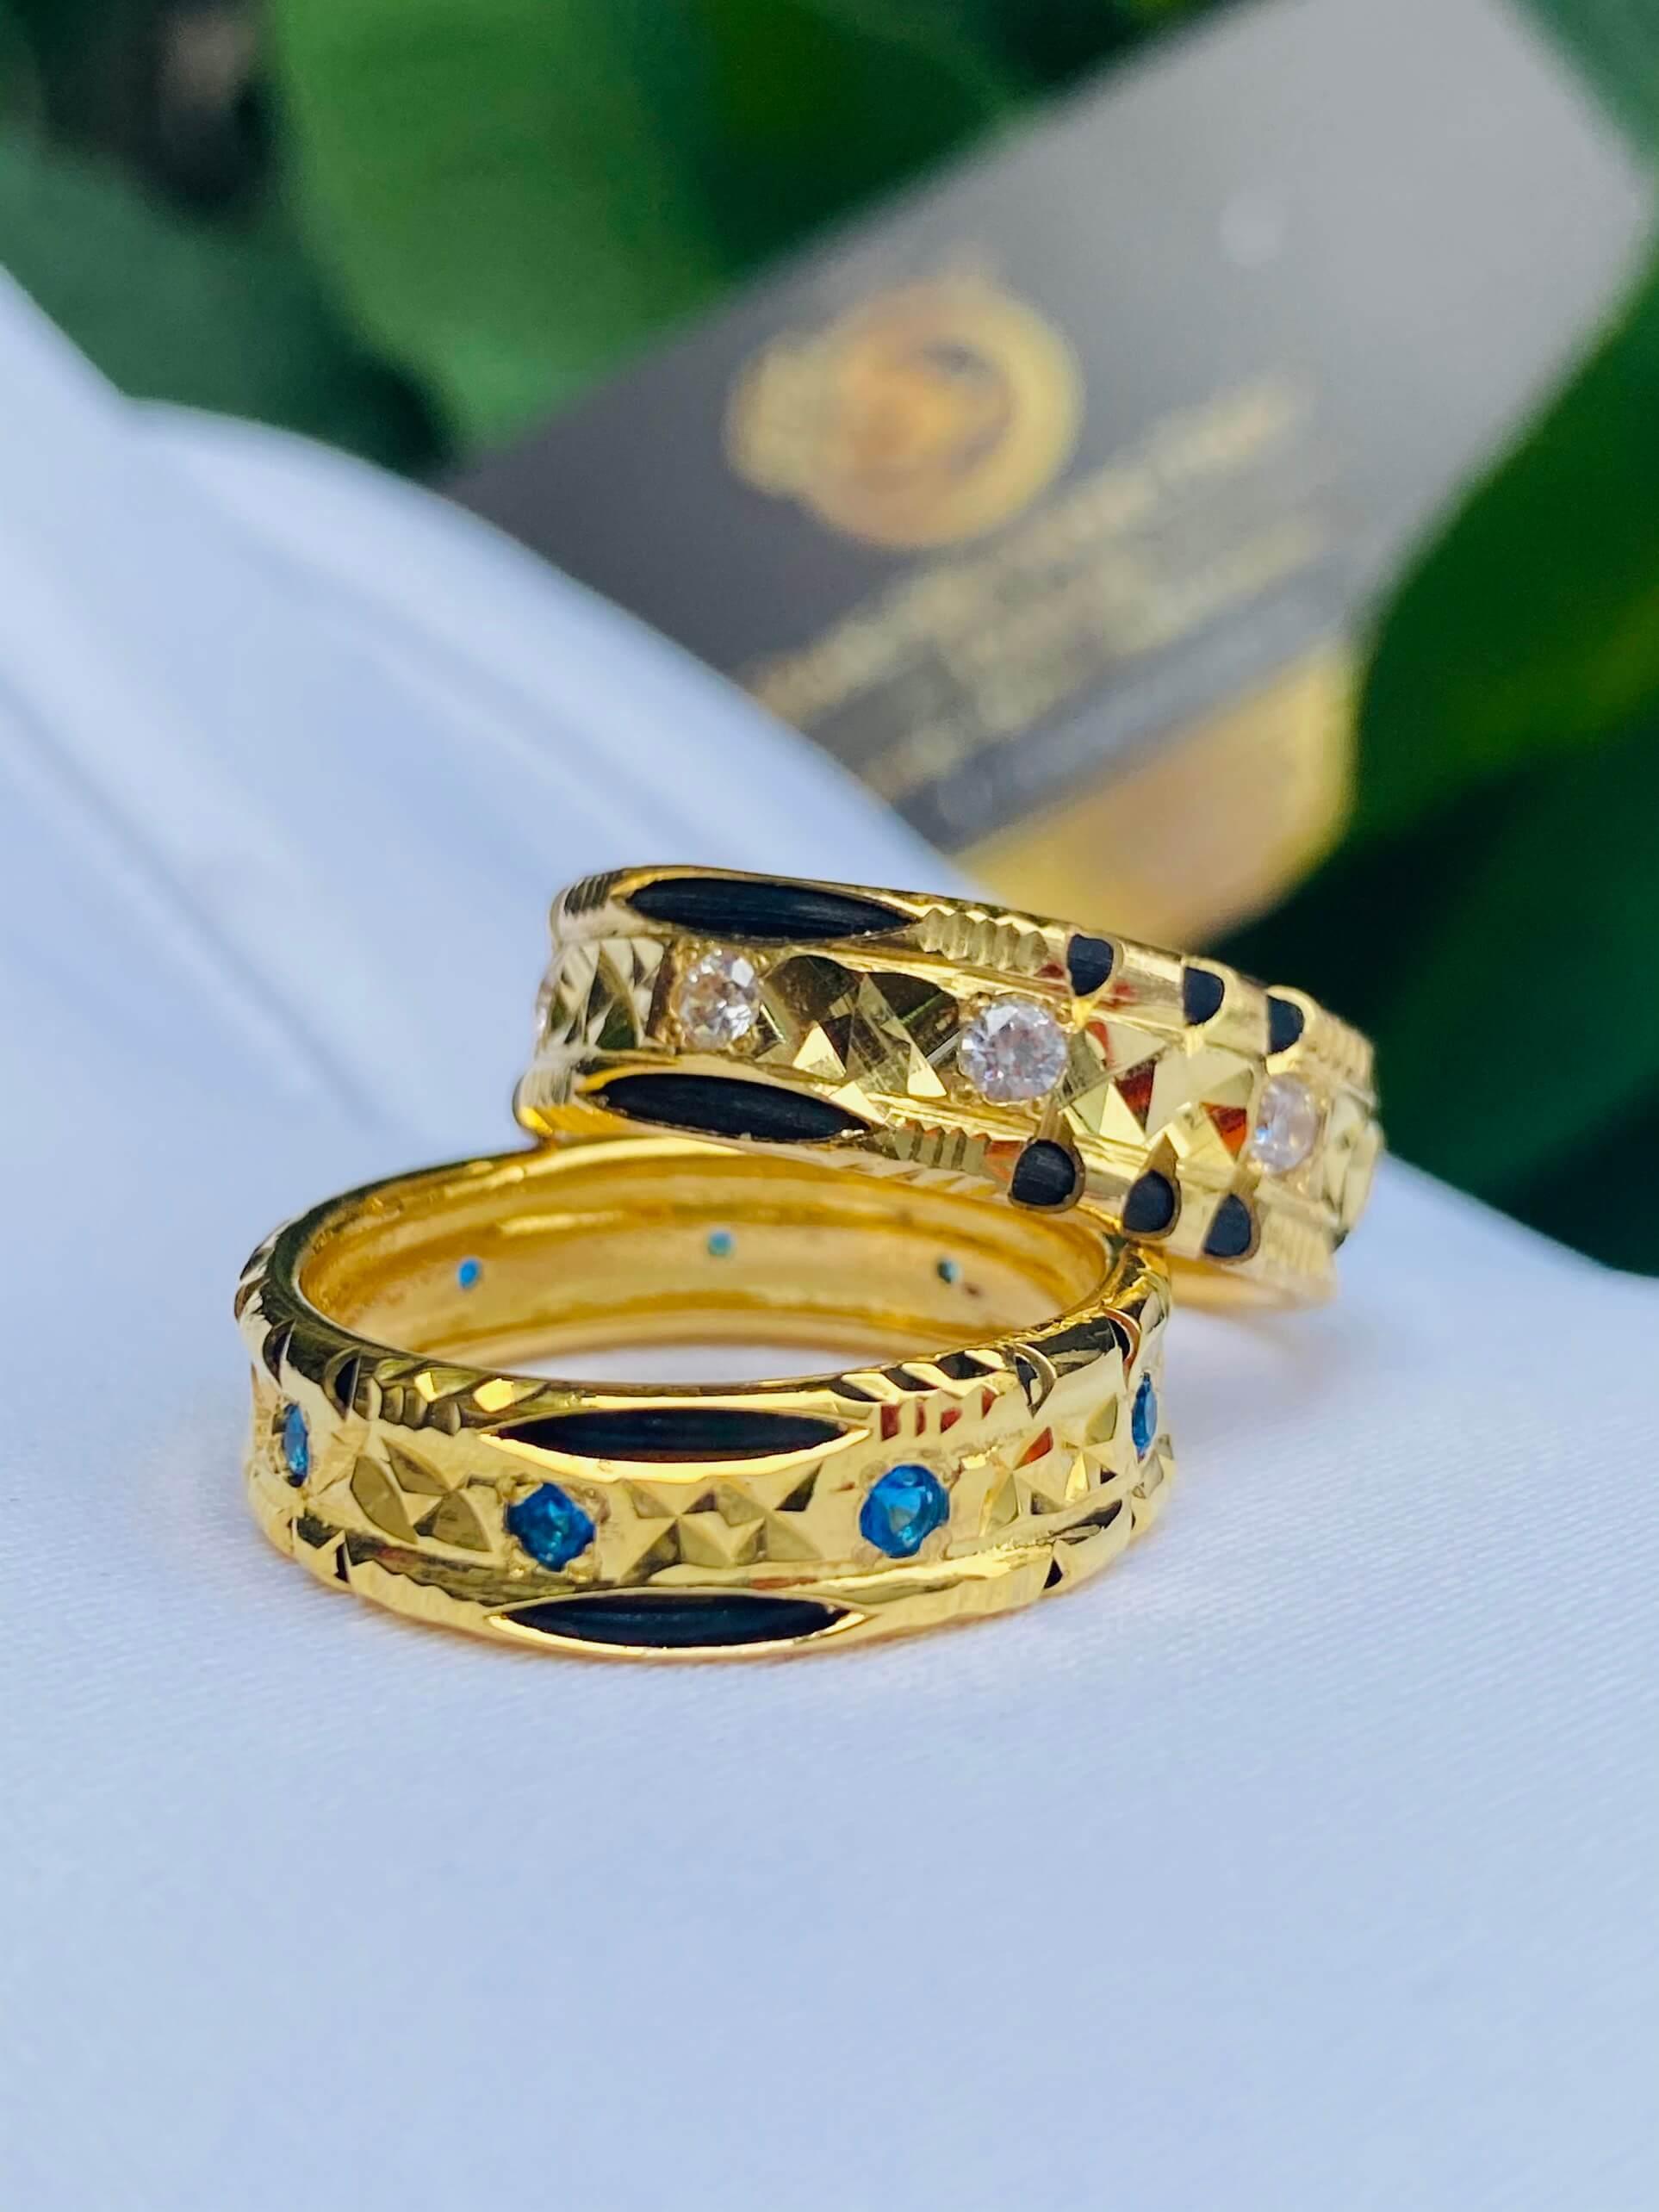 Cặp nhẫn đính đá Cz xanh dương - trắng phong thủy và hợp mệnh